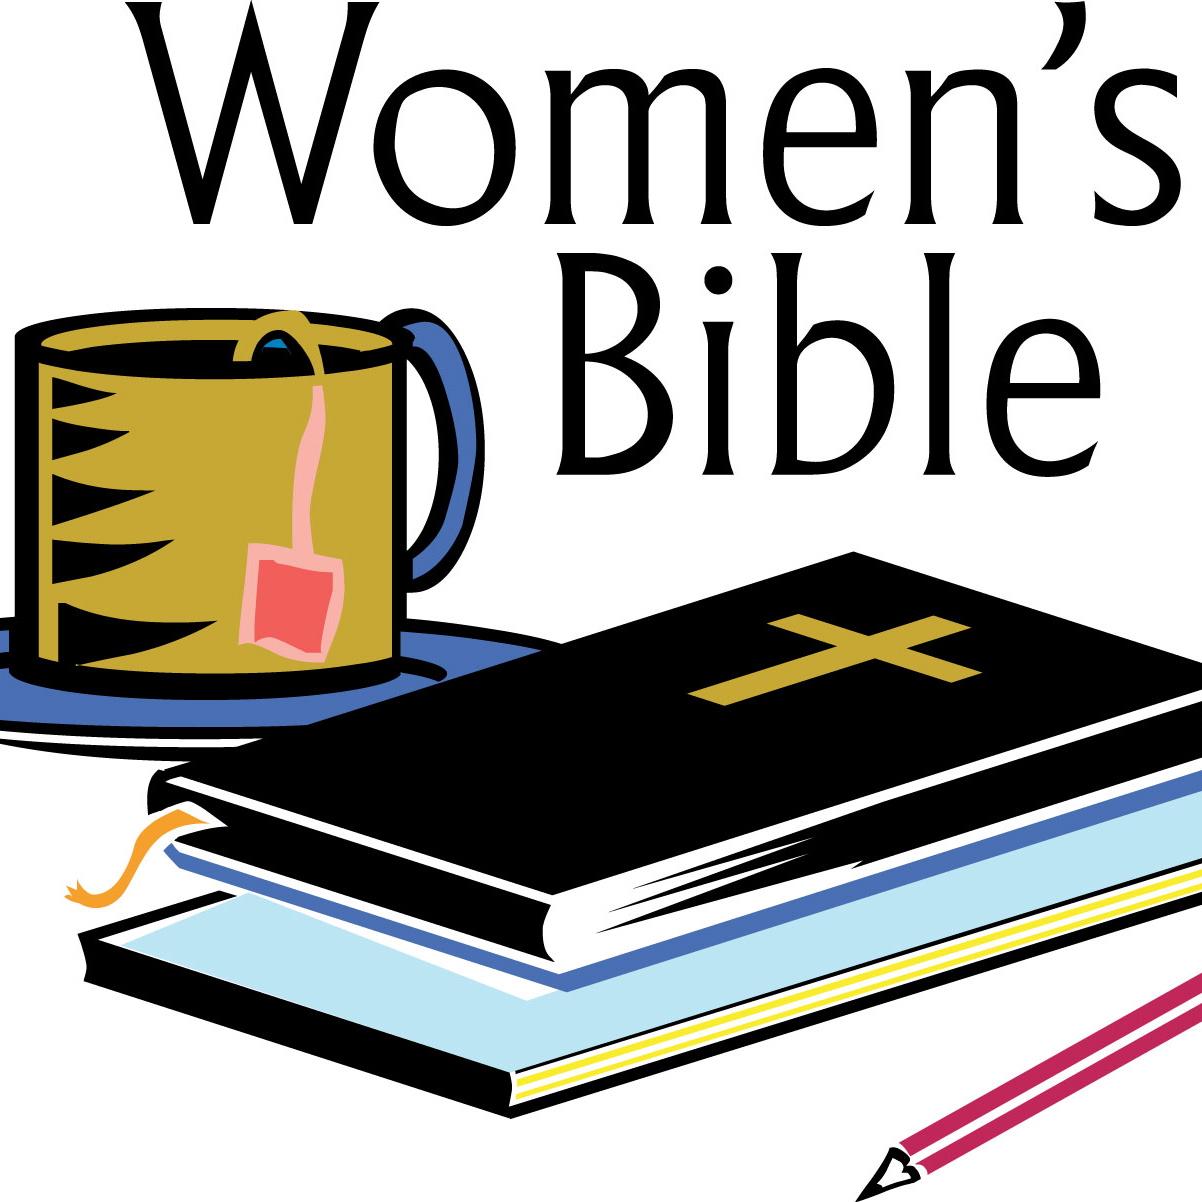 1202x1202 Free Bible Clip Art Images Clipartix 6